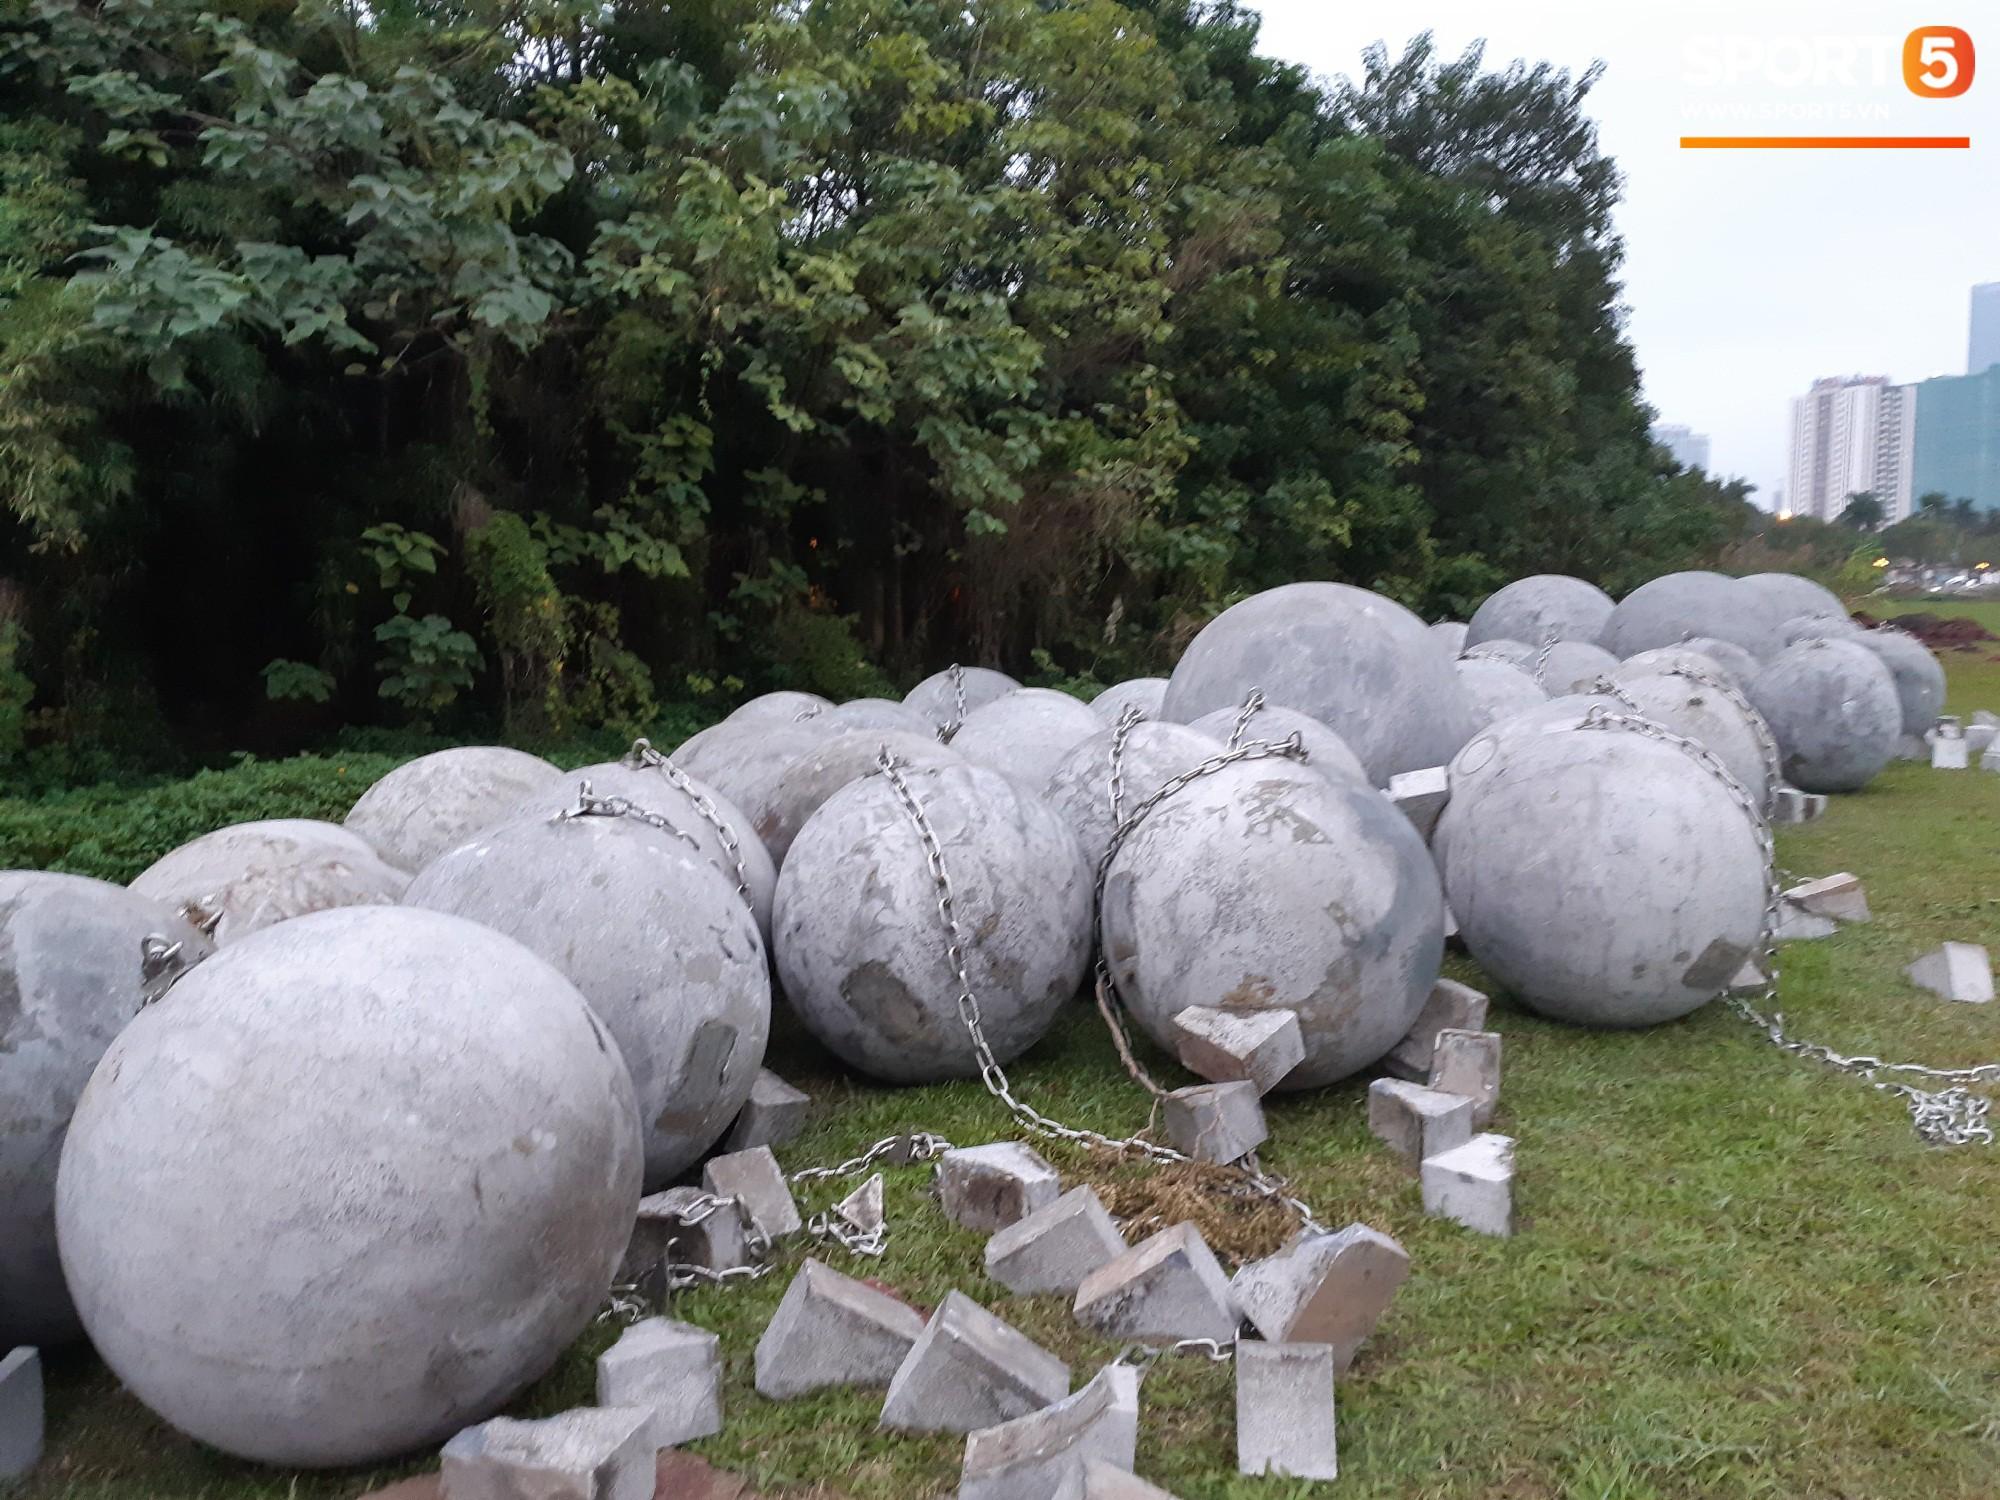 Đã tìm ra vị trí bí ẩn của 40 quả cầu đá sau khi bị di dời khỏi sân Mỹ Đình - Ảnh 7.